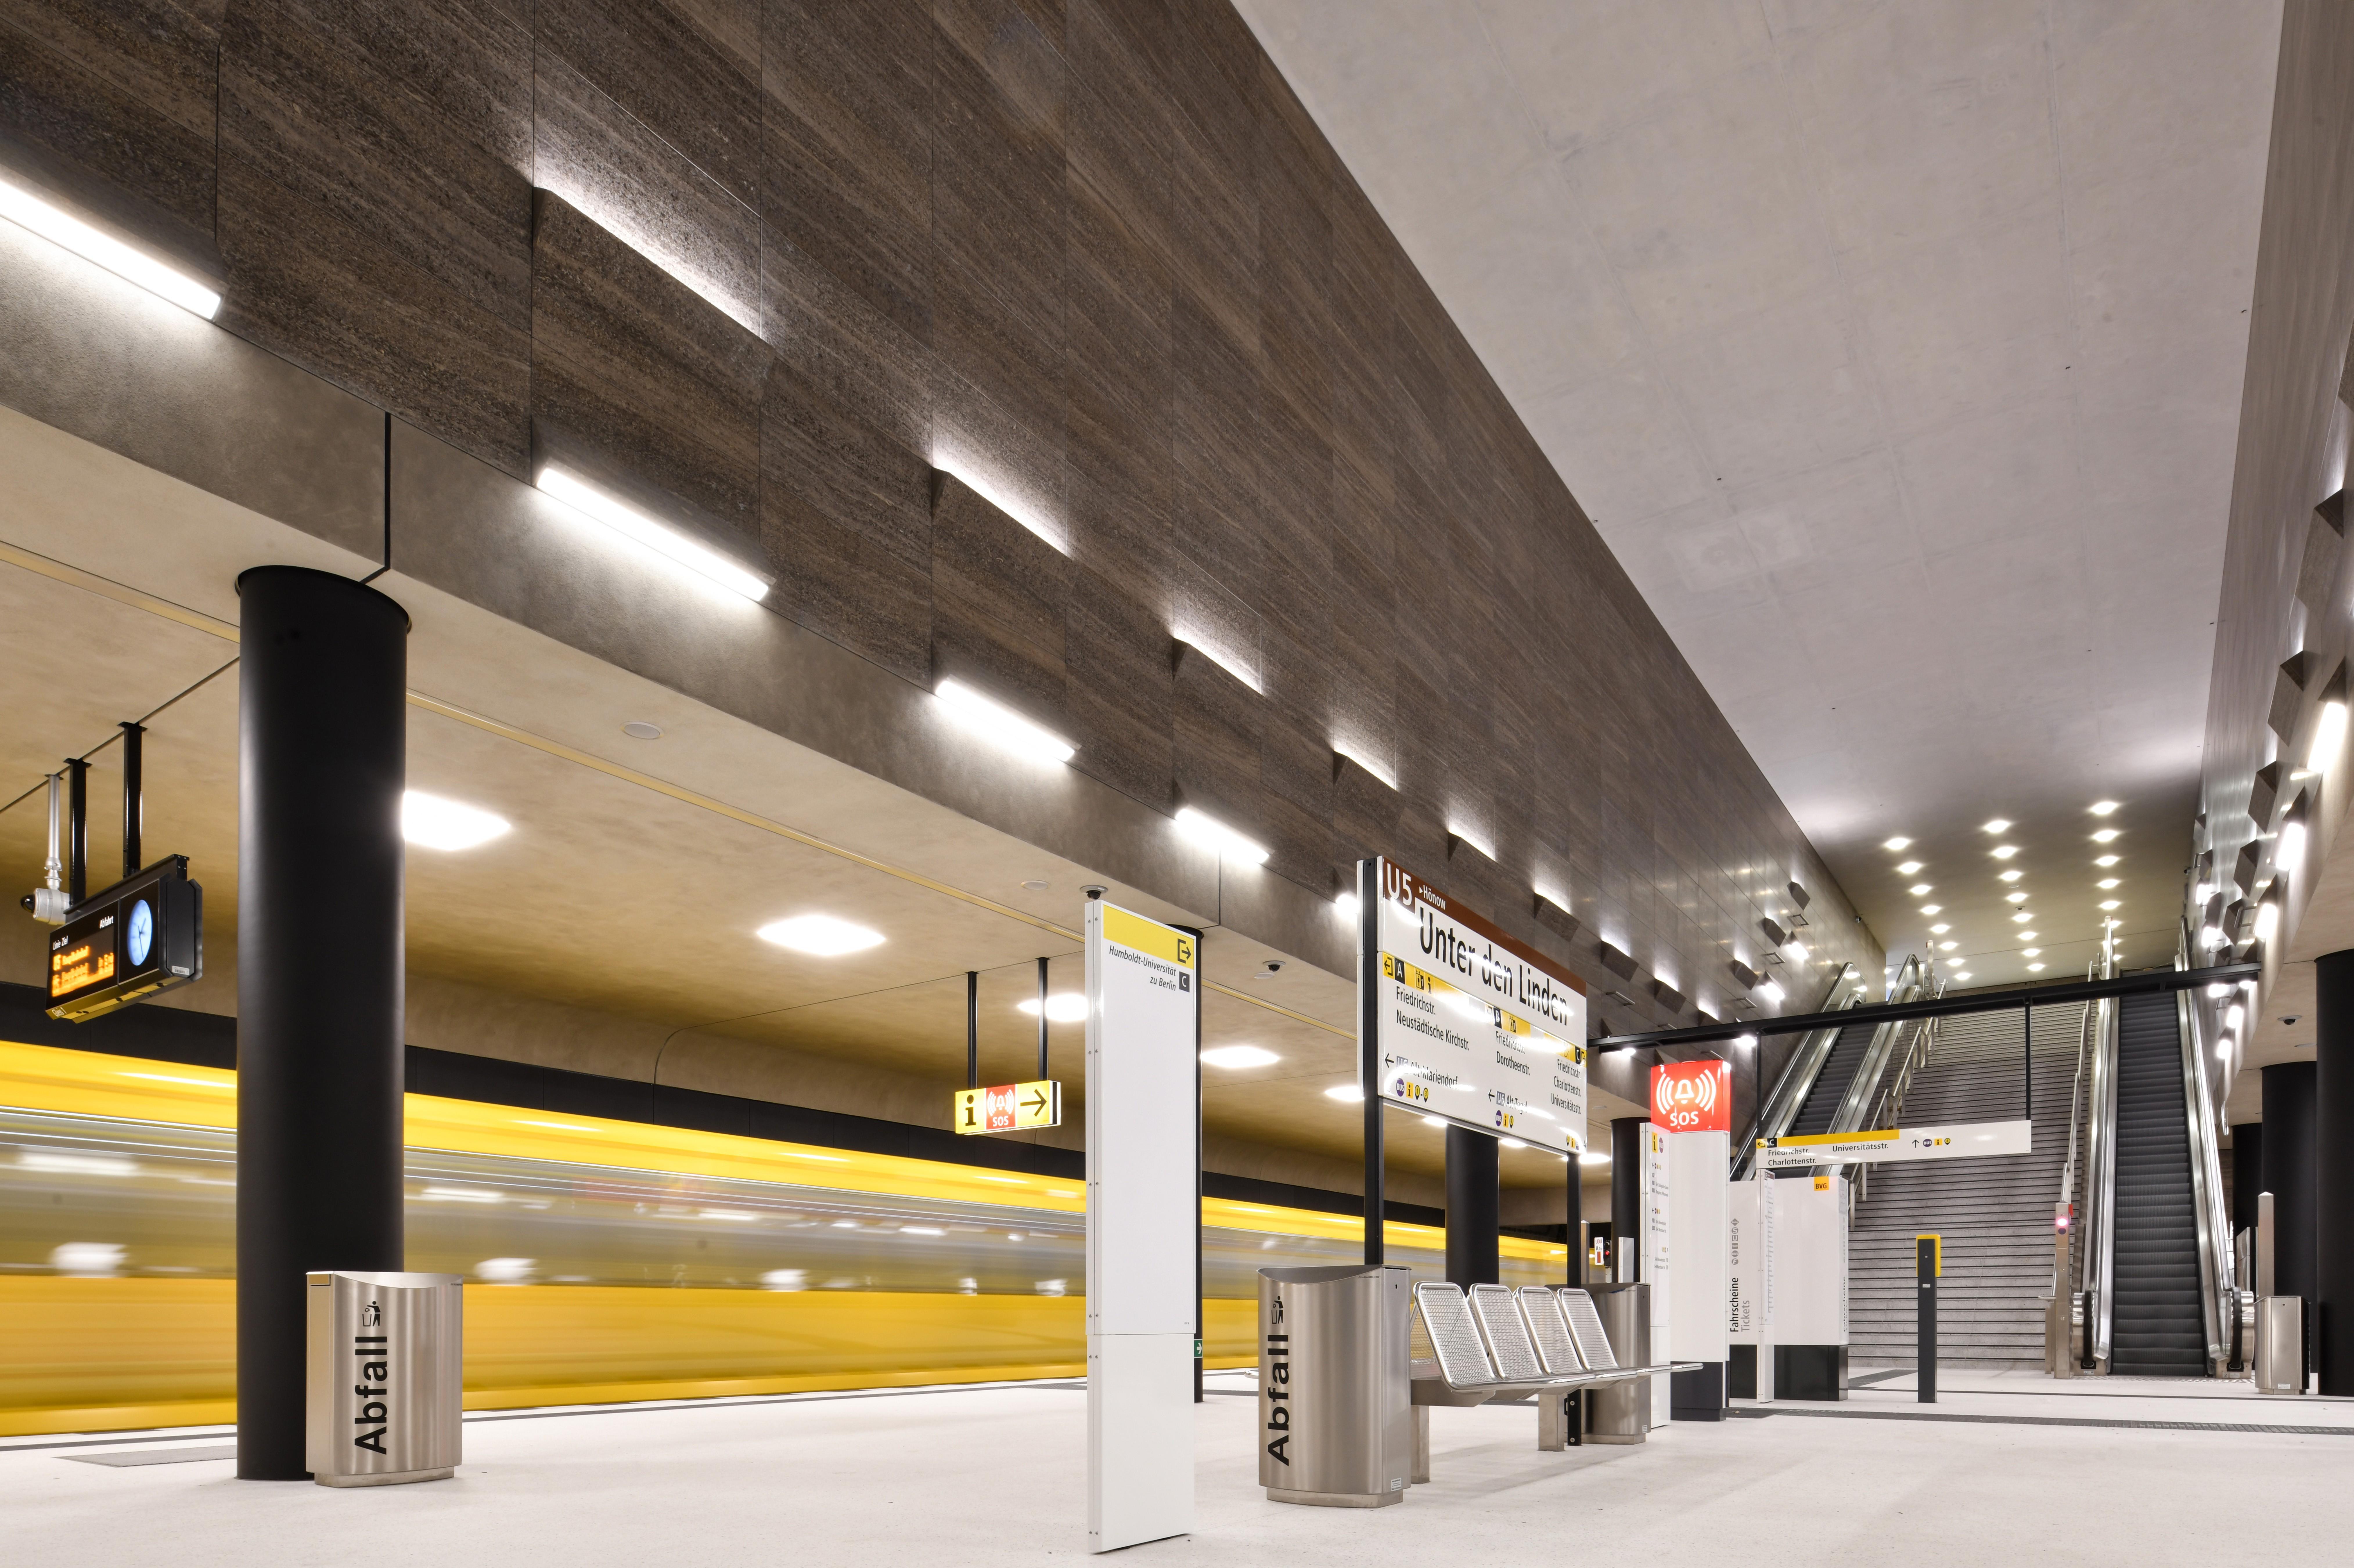 Unter_den_Linden_Metro_Berlin